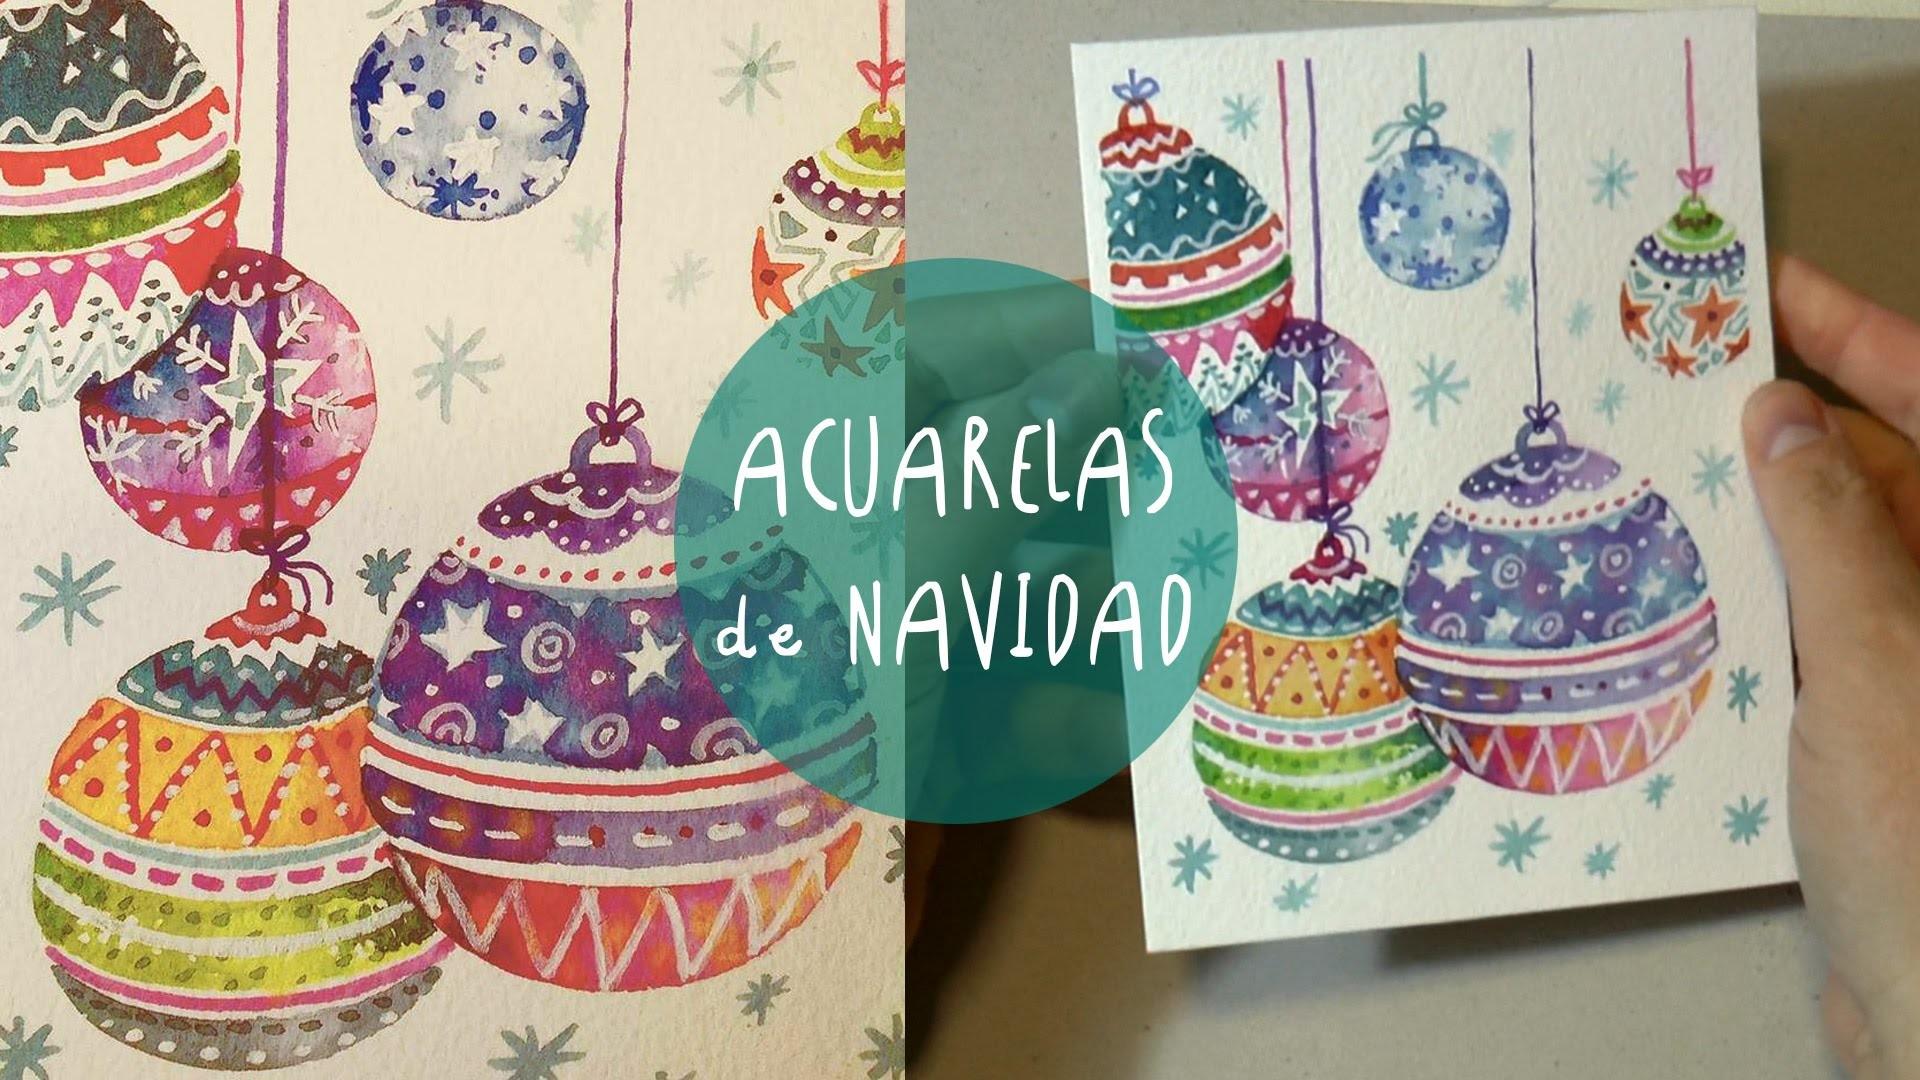 ACUARELAS DE NAVIDAD: como pintar esferas.adornos by ART Tv * SPEED PAINTING (ESPAÑO)